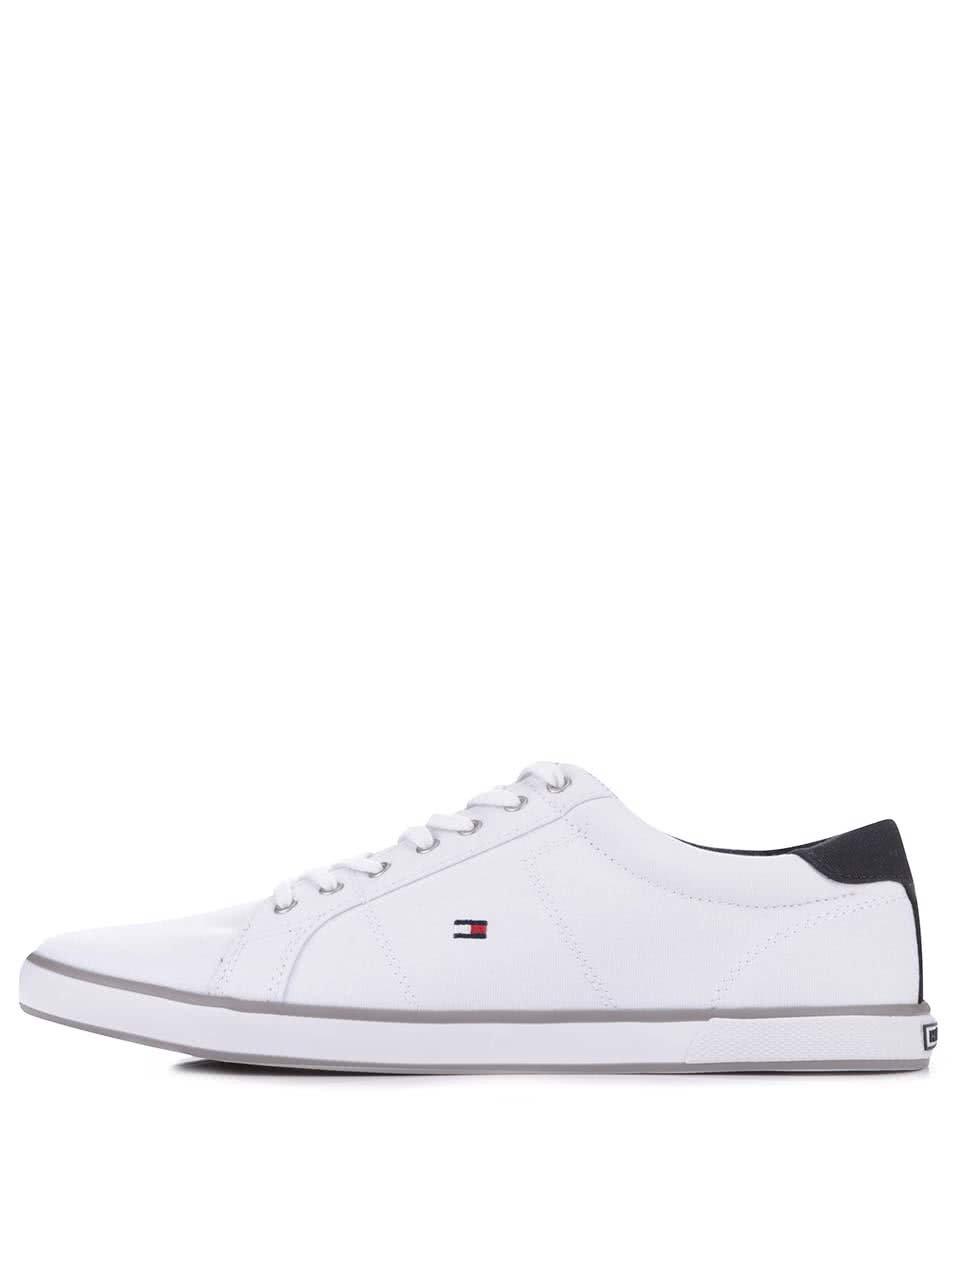 Bílé pánské tenisky s šedým detailem Tommy Hilfiger Arlow ... 7cdd1c58c2